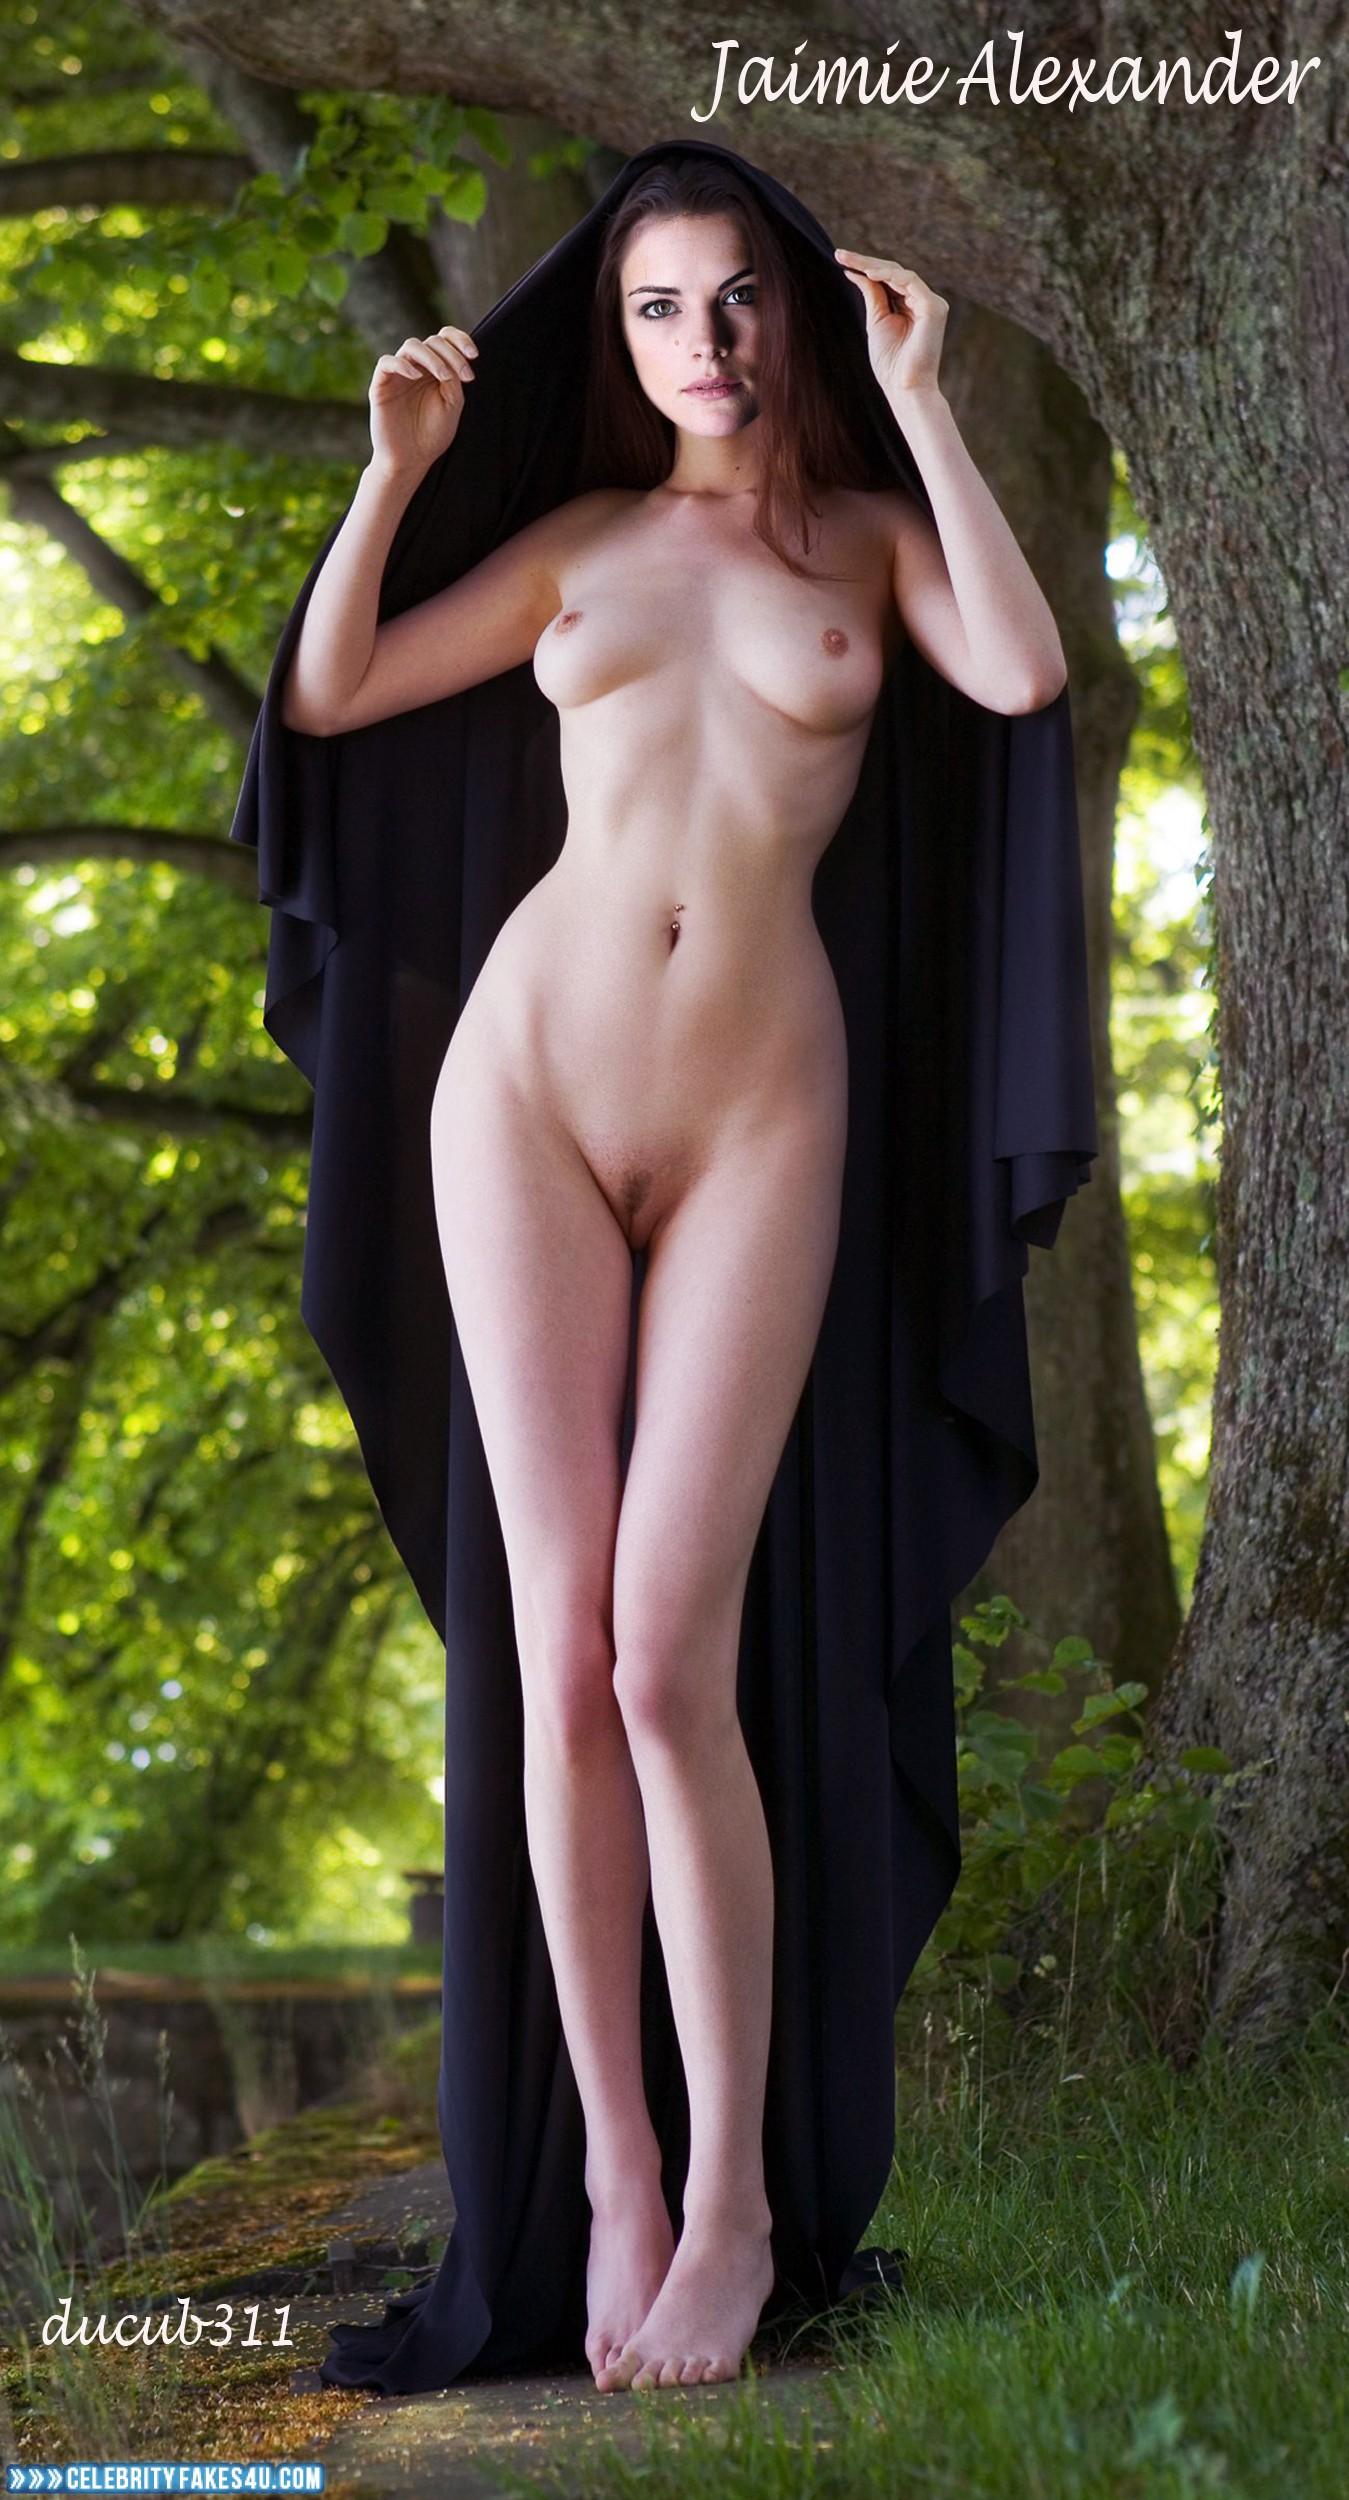 Jaimie Alexander Nude Body Nice Tits 003  Celebrityfakes4Ucom-7790